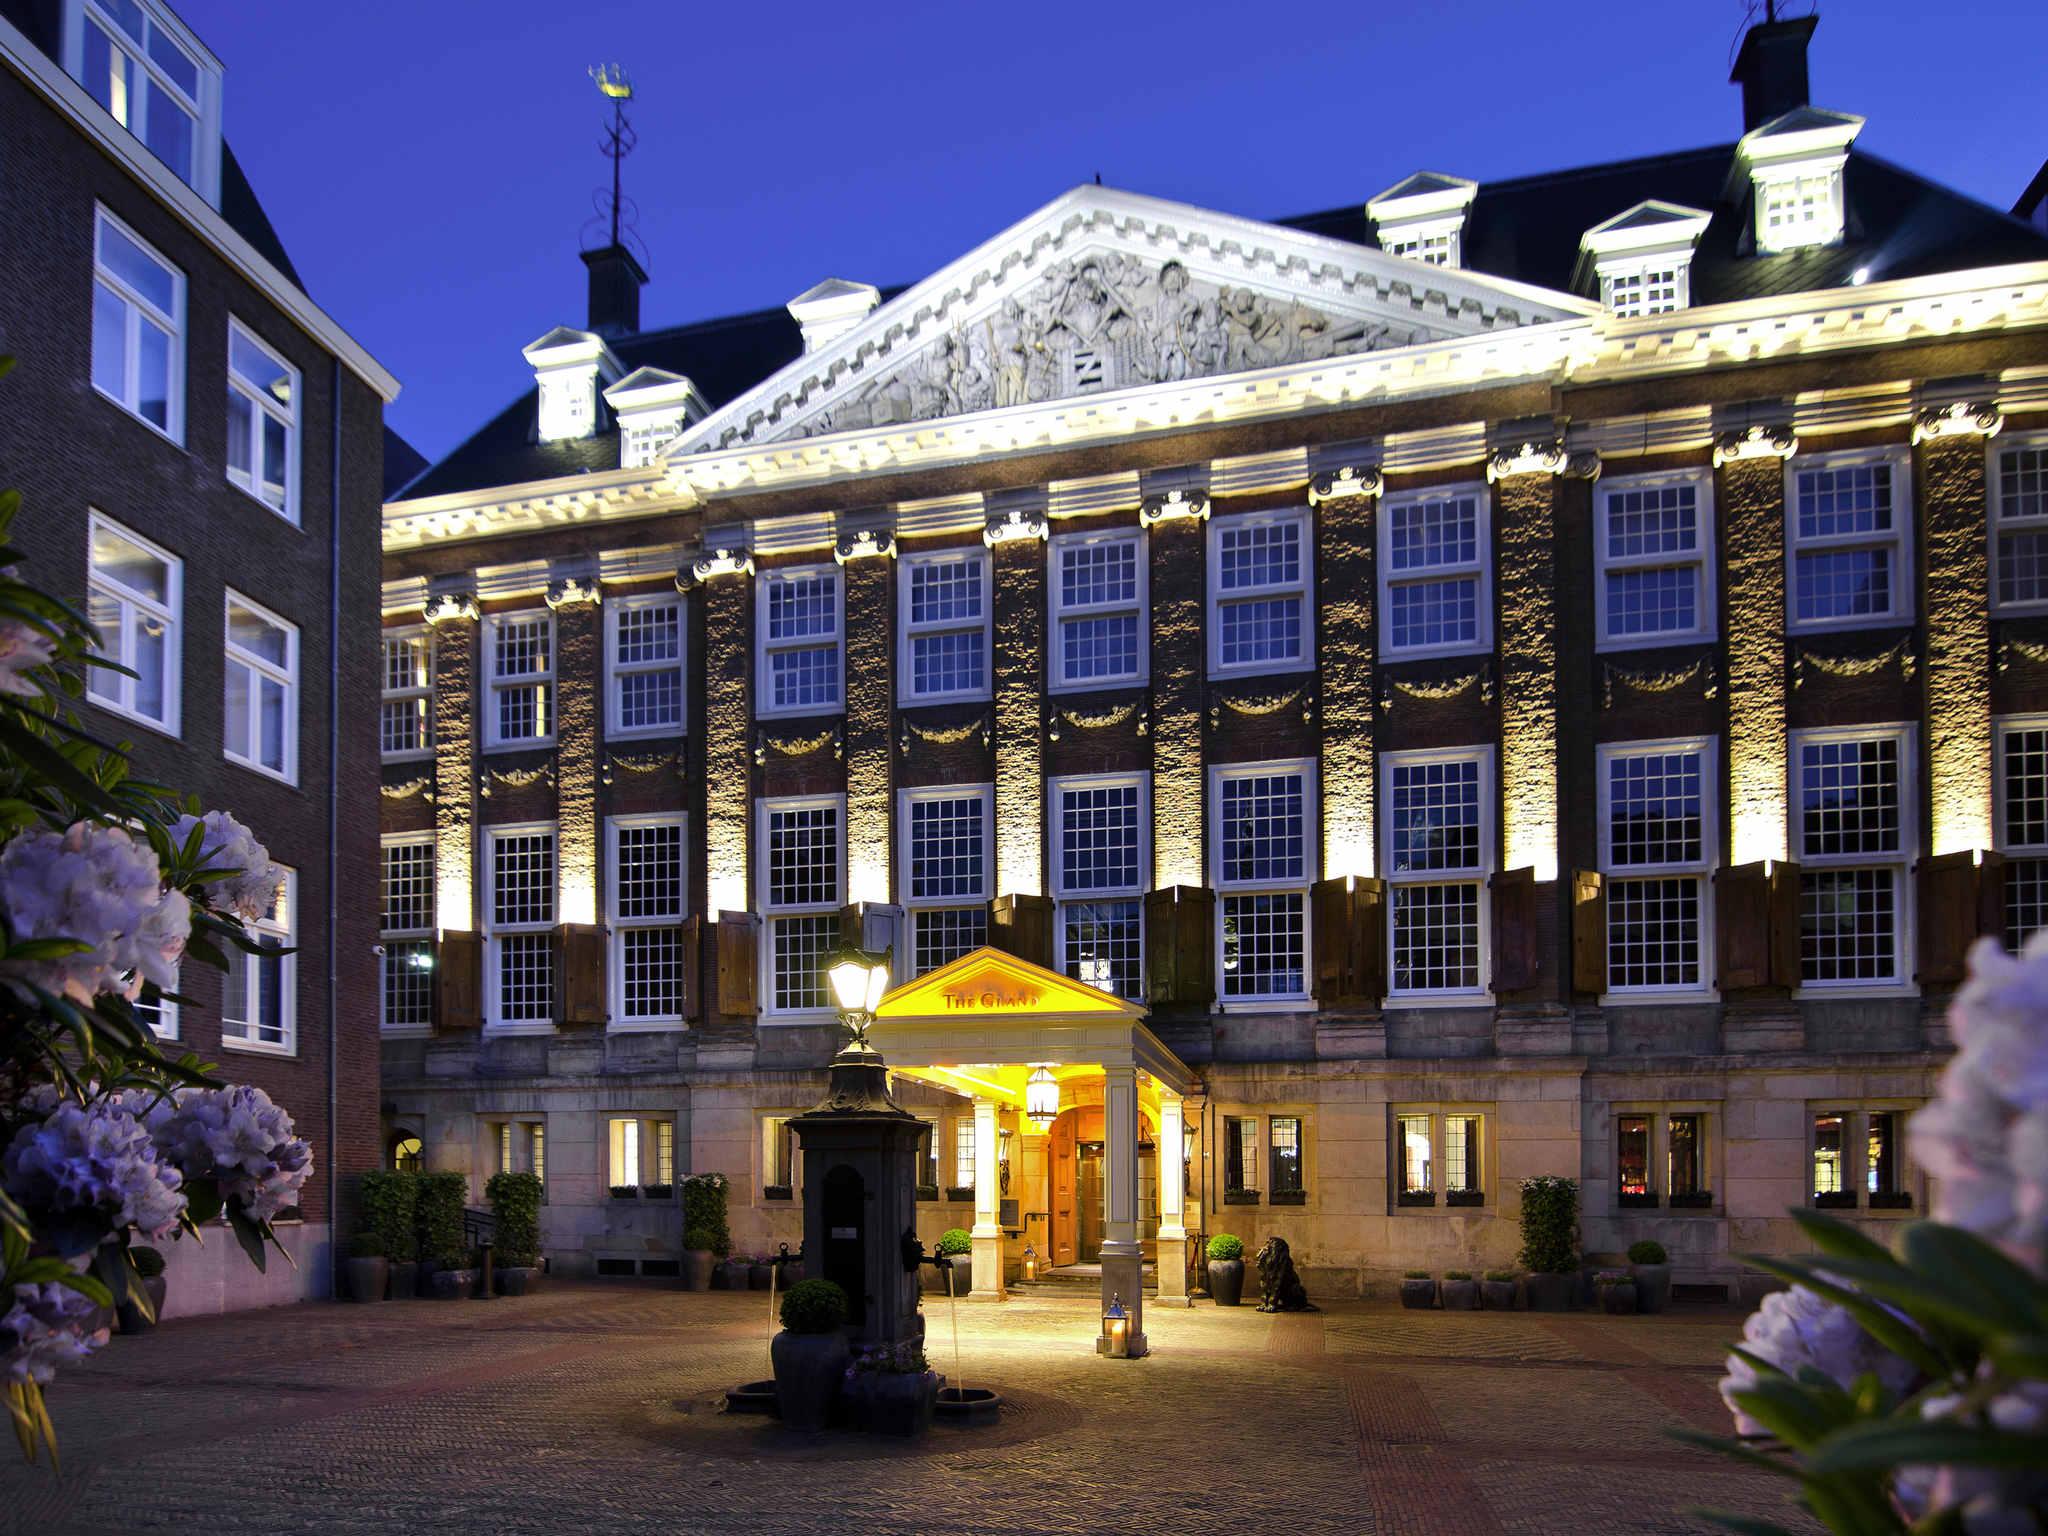 فندق - سوفيتل ليجيند Sofitel Legend ذى جراند أمستردام